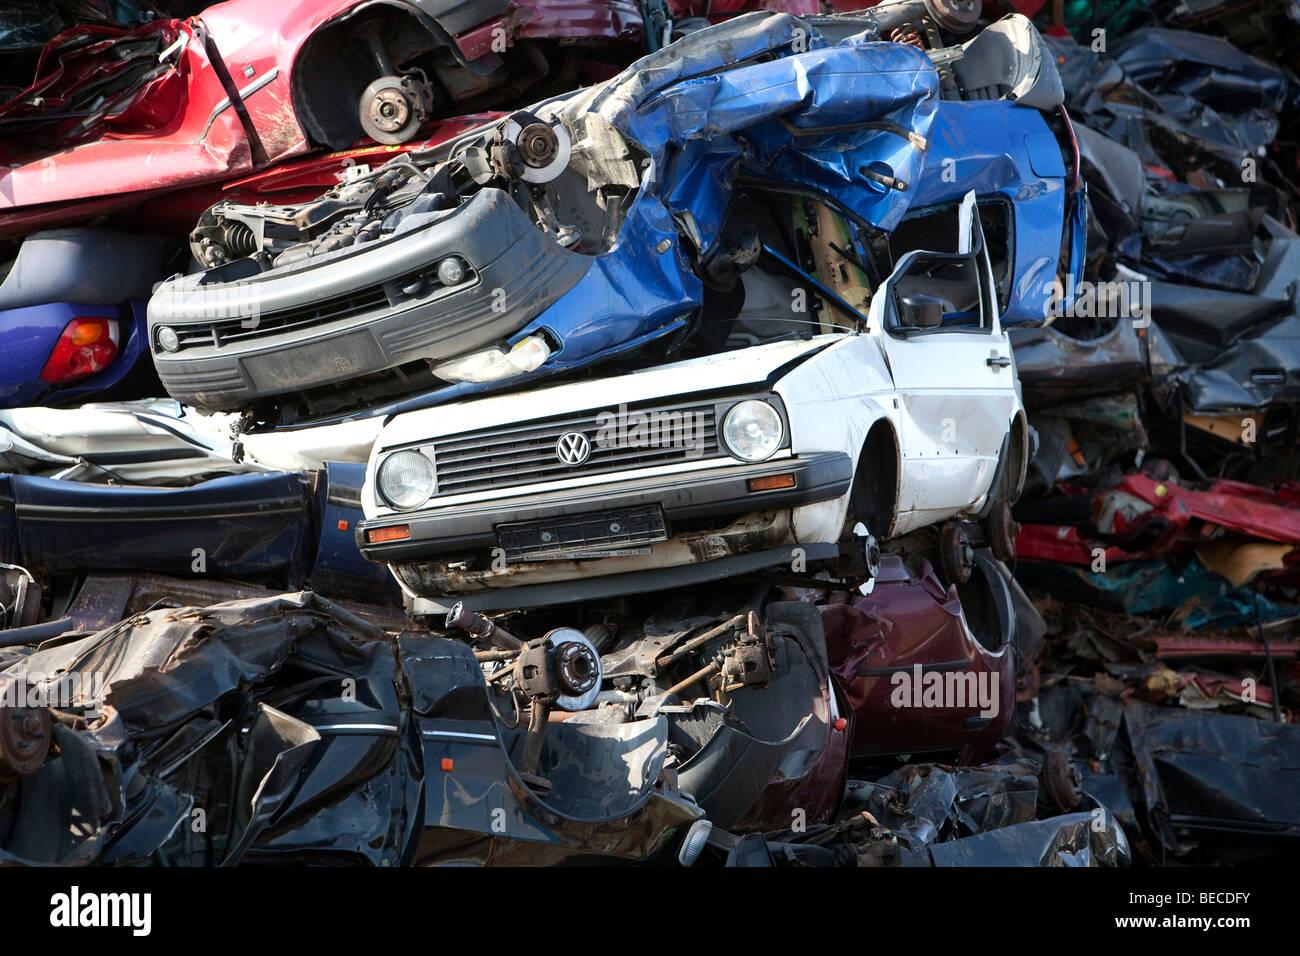 Old cars at a scrap yard - Stock Image